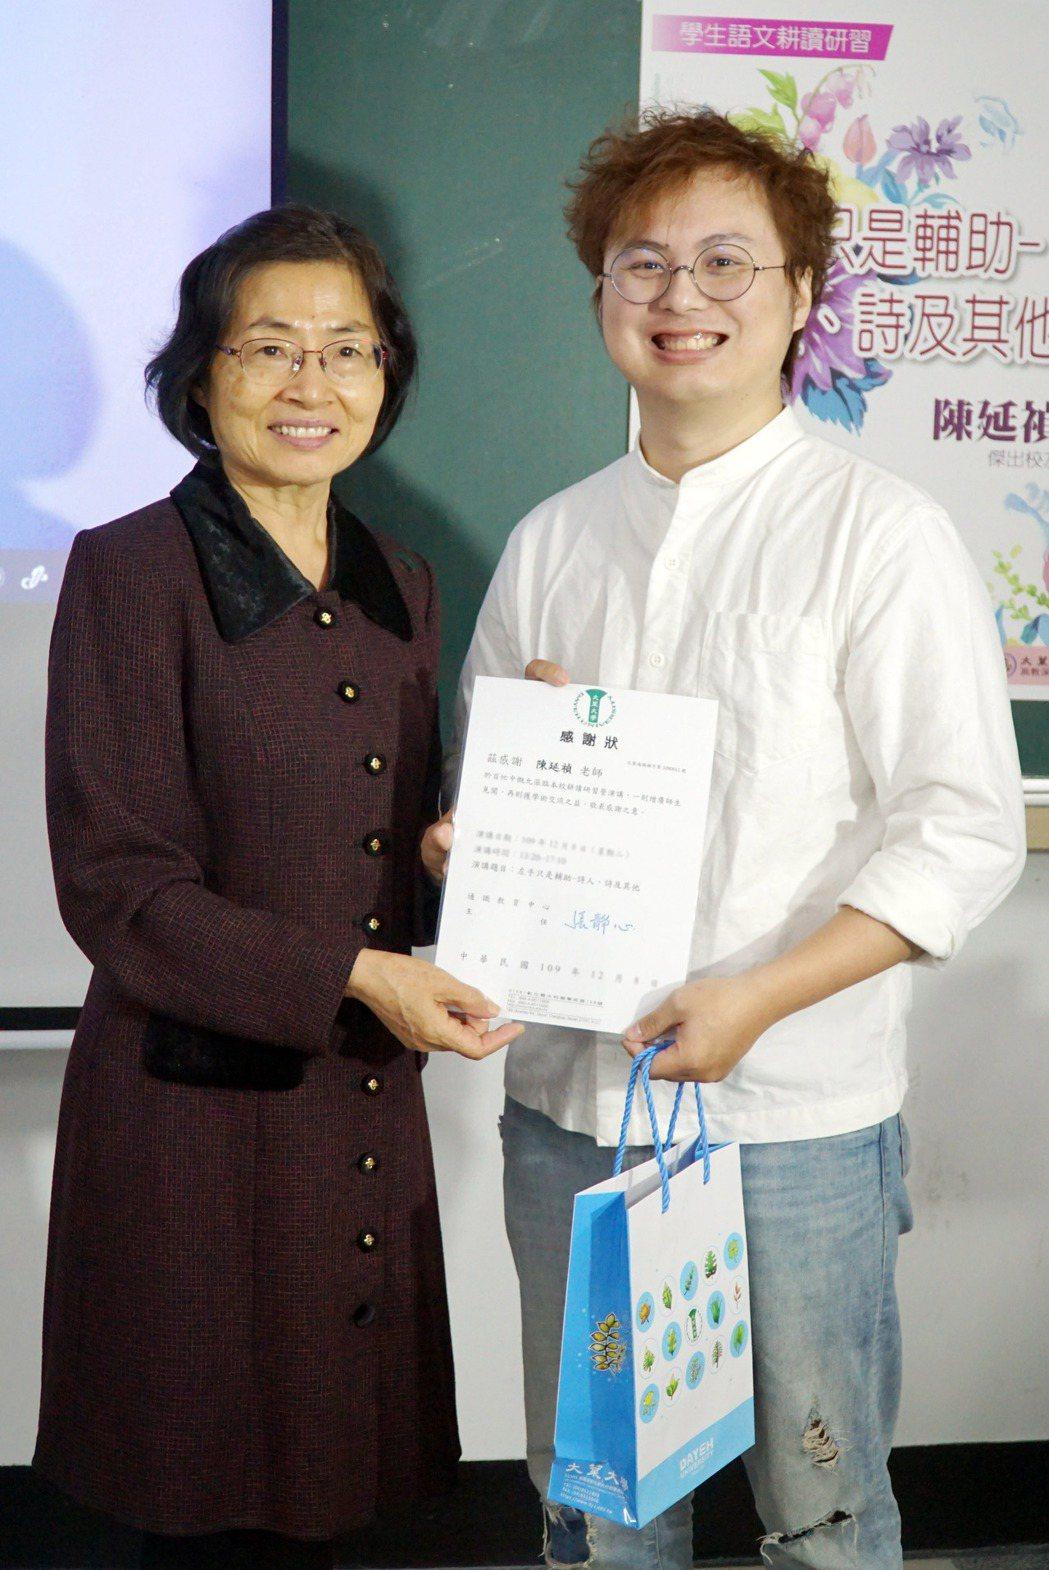 大葉大學侯雪娟主秘(左)頒發感謝狀給陳延禎(右)。 大葉大學/提供。